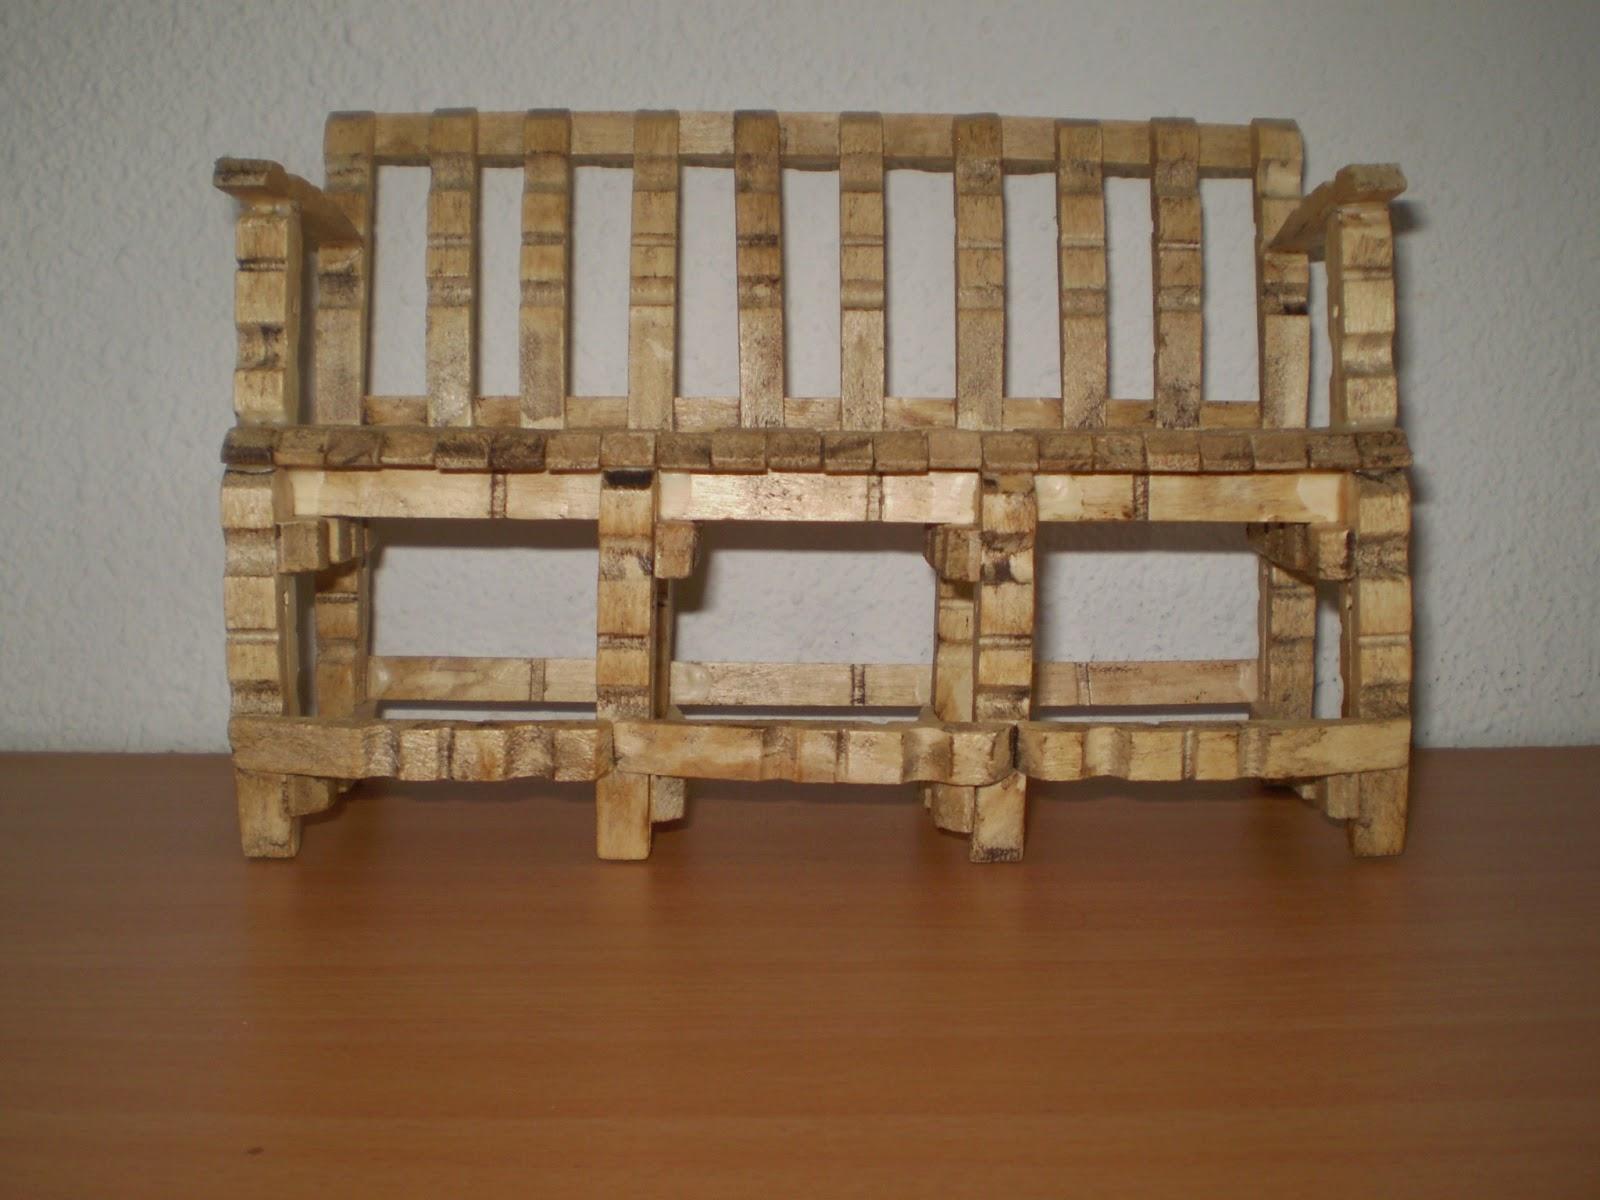 Manualidades y restauraciones manualidades con pinzas de - Manualidades con muebles ...